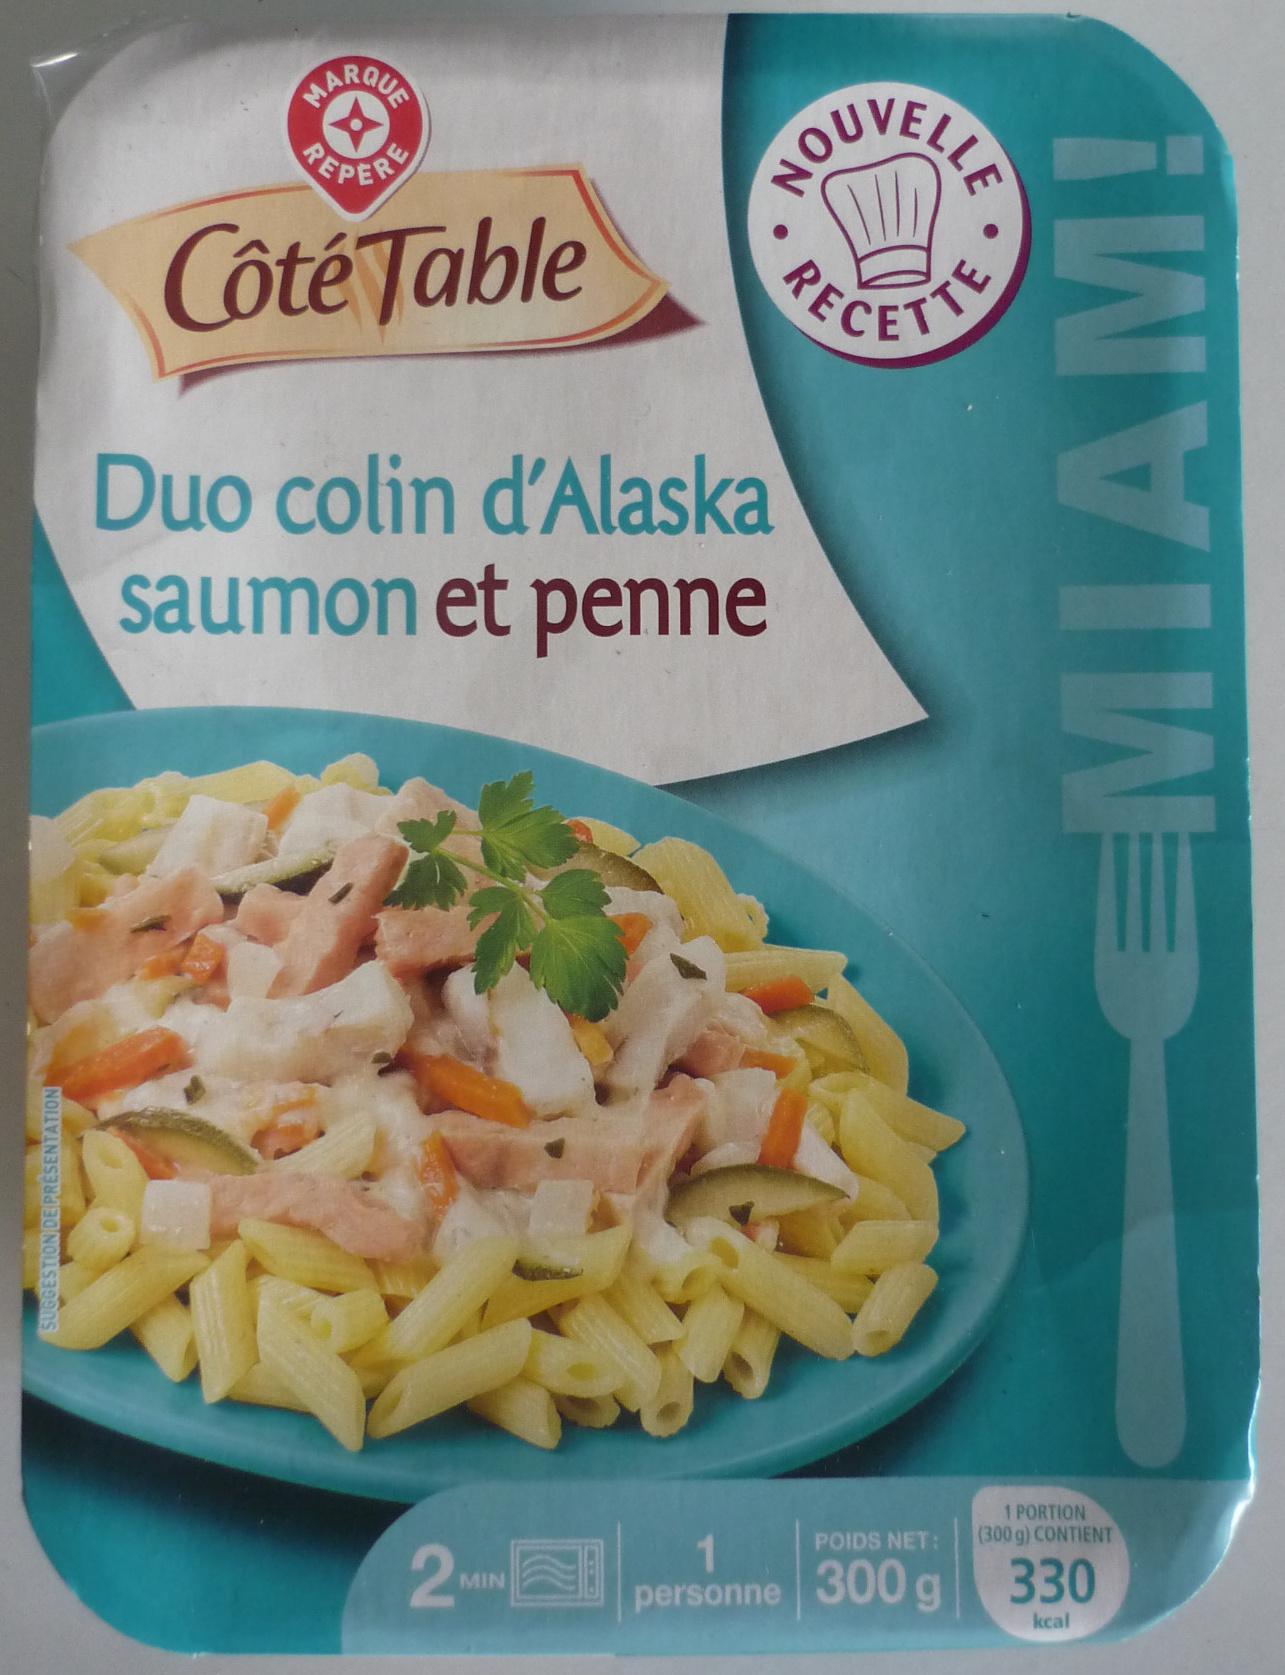 Duo colin d'Alaska saumon et penne - Product - fr